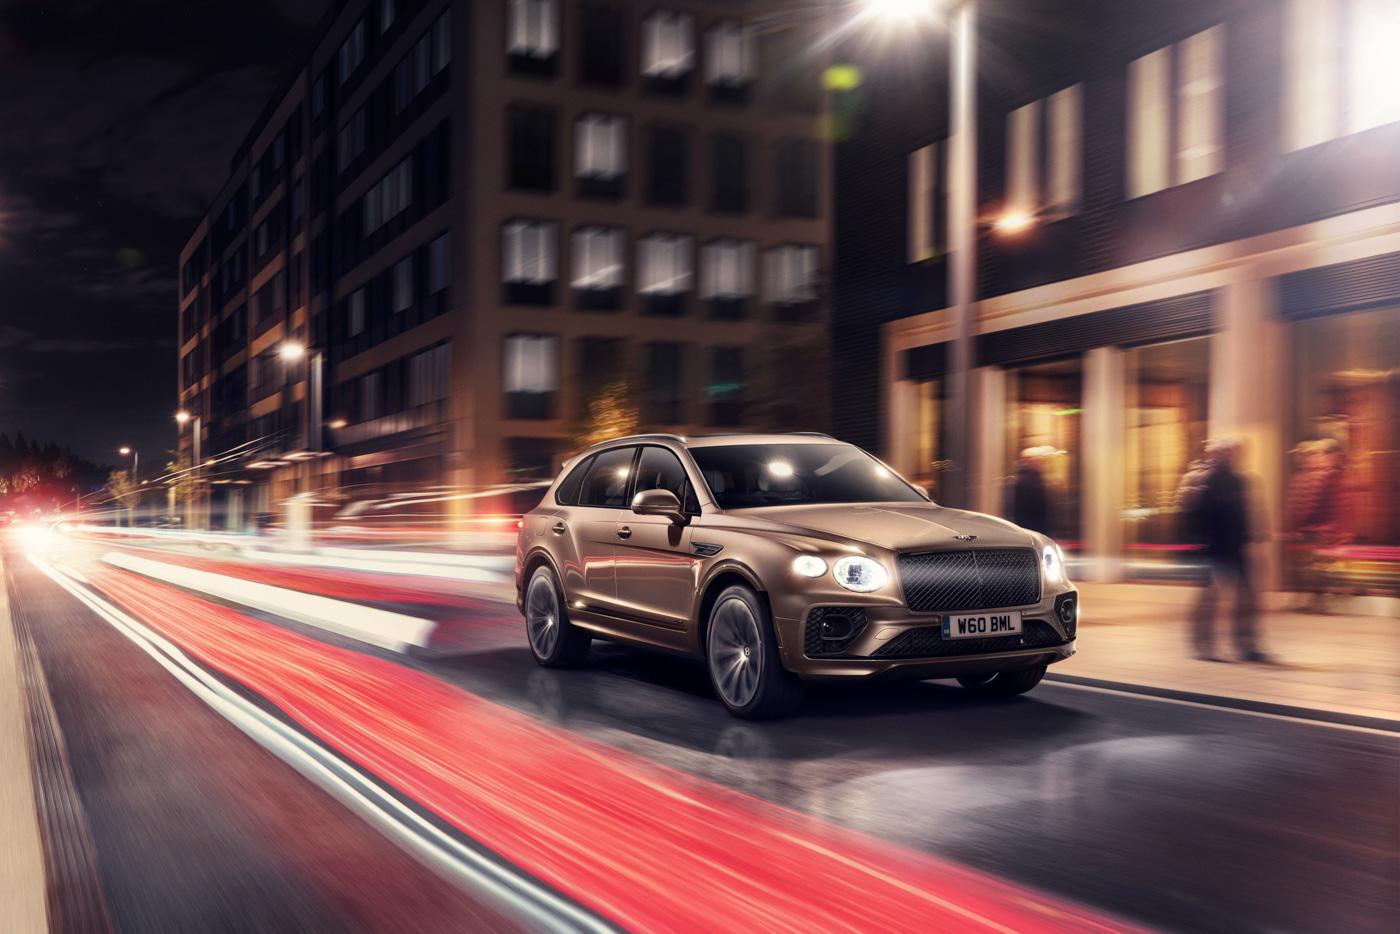 SUV-siêu-sang-Bentley-Bentayga-Hybrid-sẵn-sàng-đến-tay-khách-hàng-tại-Châu-Âu-4.jpg